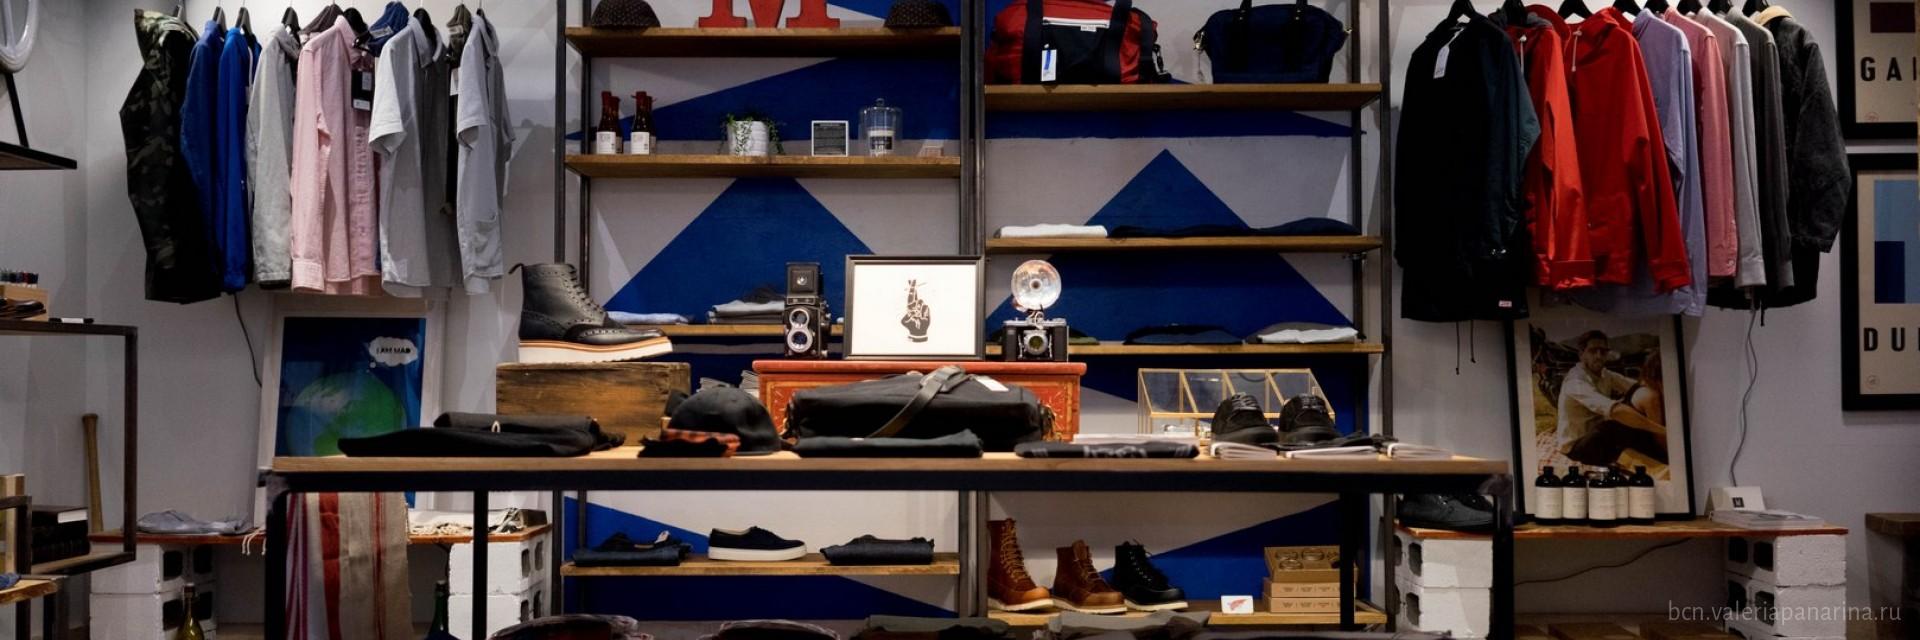 Новичкам испанского шопинга: где покупать, как сэкономить и другие полезные факты